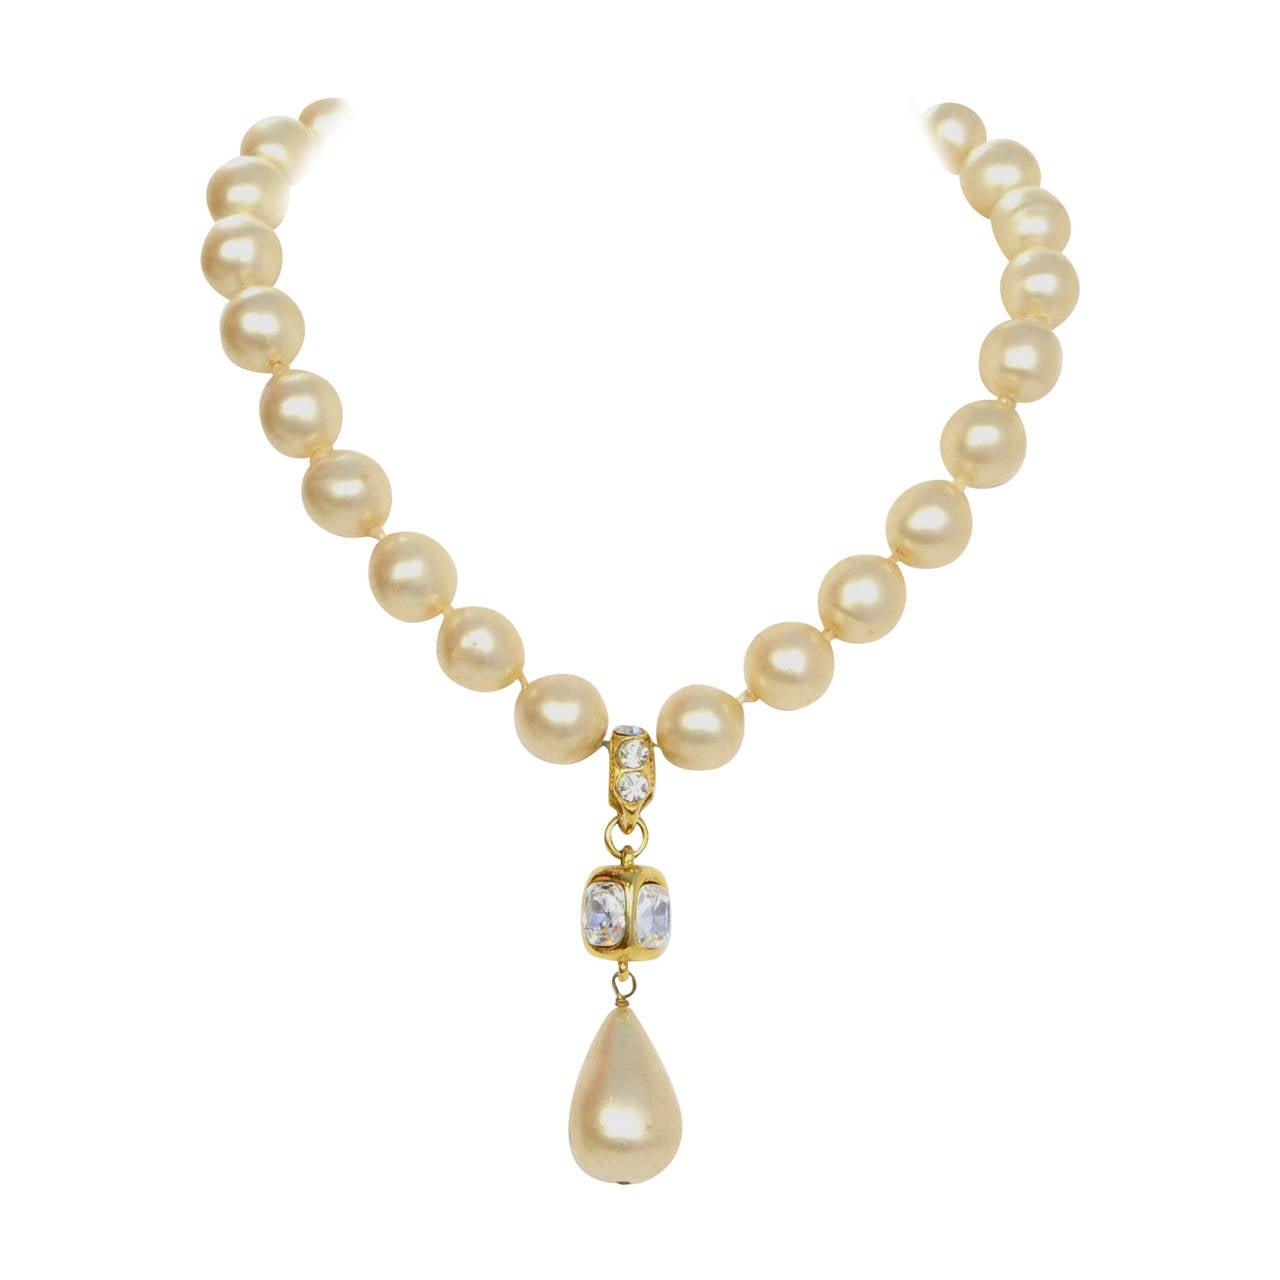 CHANEL Vintage '86 Pearl & Crystal Tear Drop Necklace 1